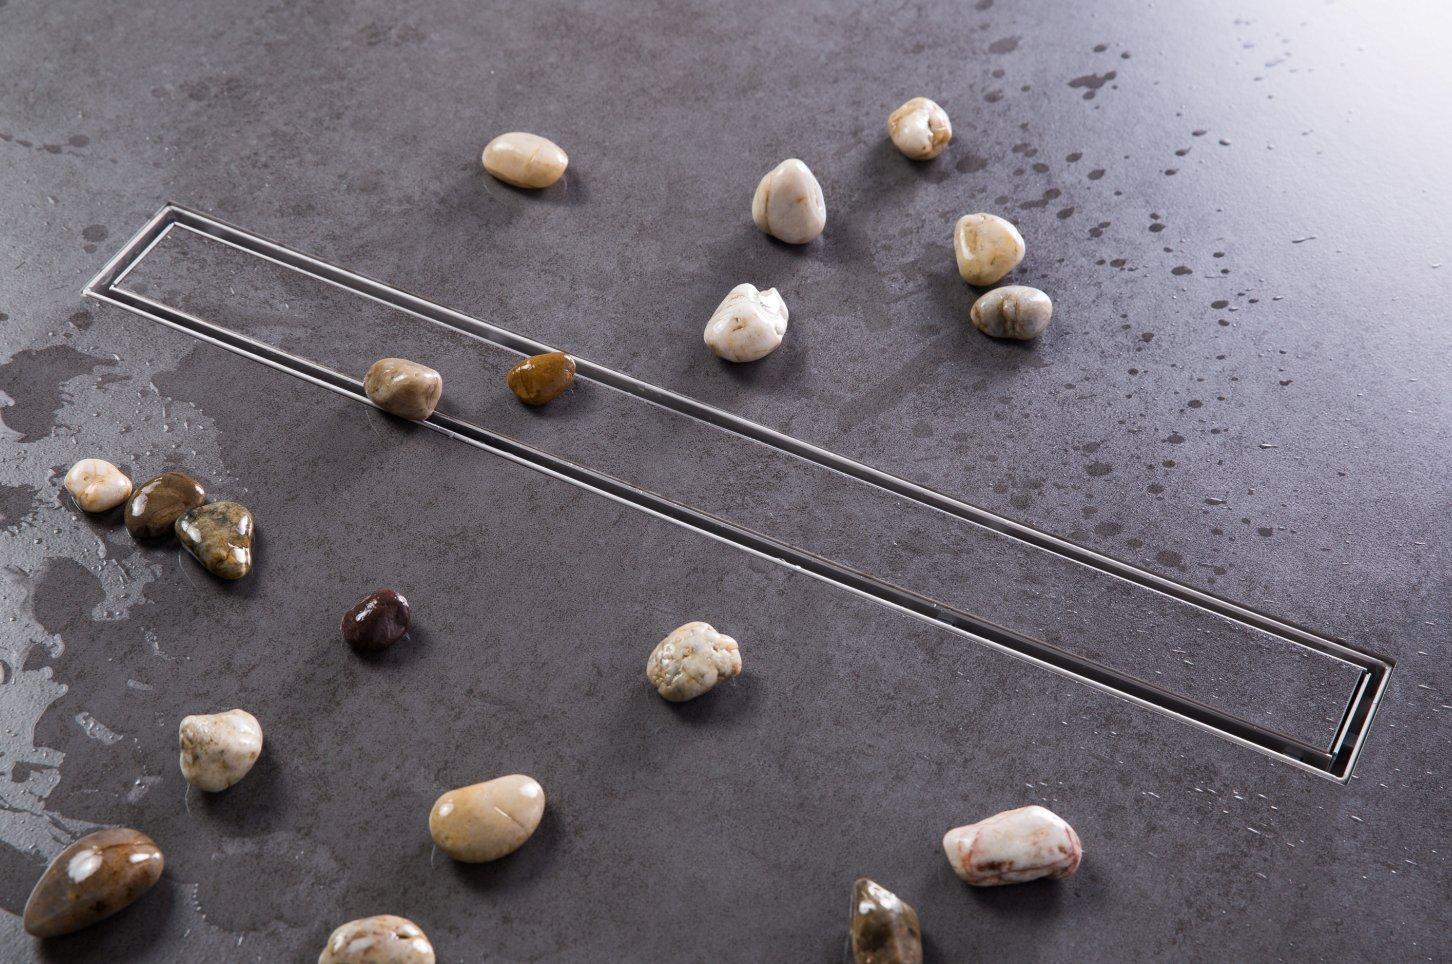 Duschrinne Siphon 70cm Edelstahl Ablaufrinne Geruchsstop Bodenablauf Duschablauf Bodenbefestigung Ma/ße von 50 bis 100cm w/ählar